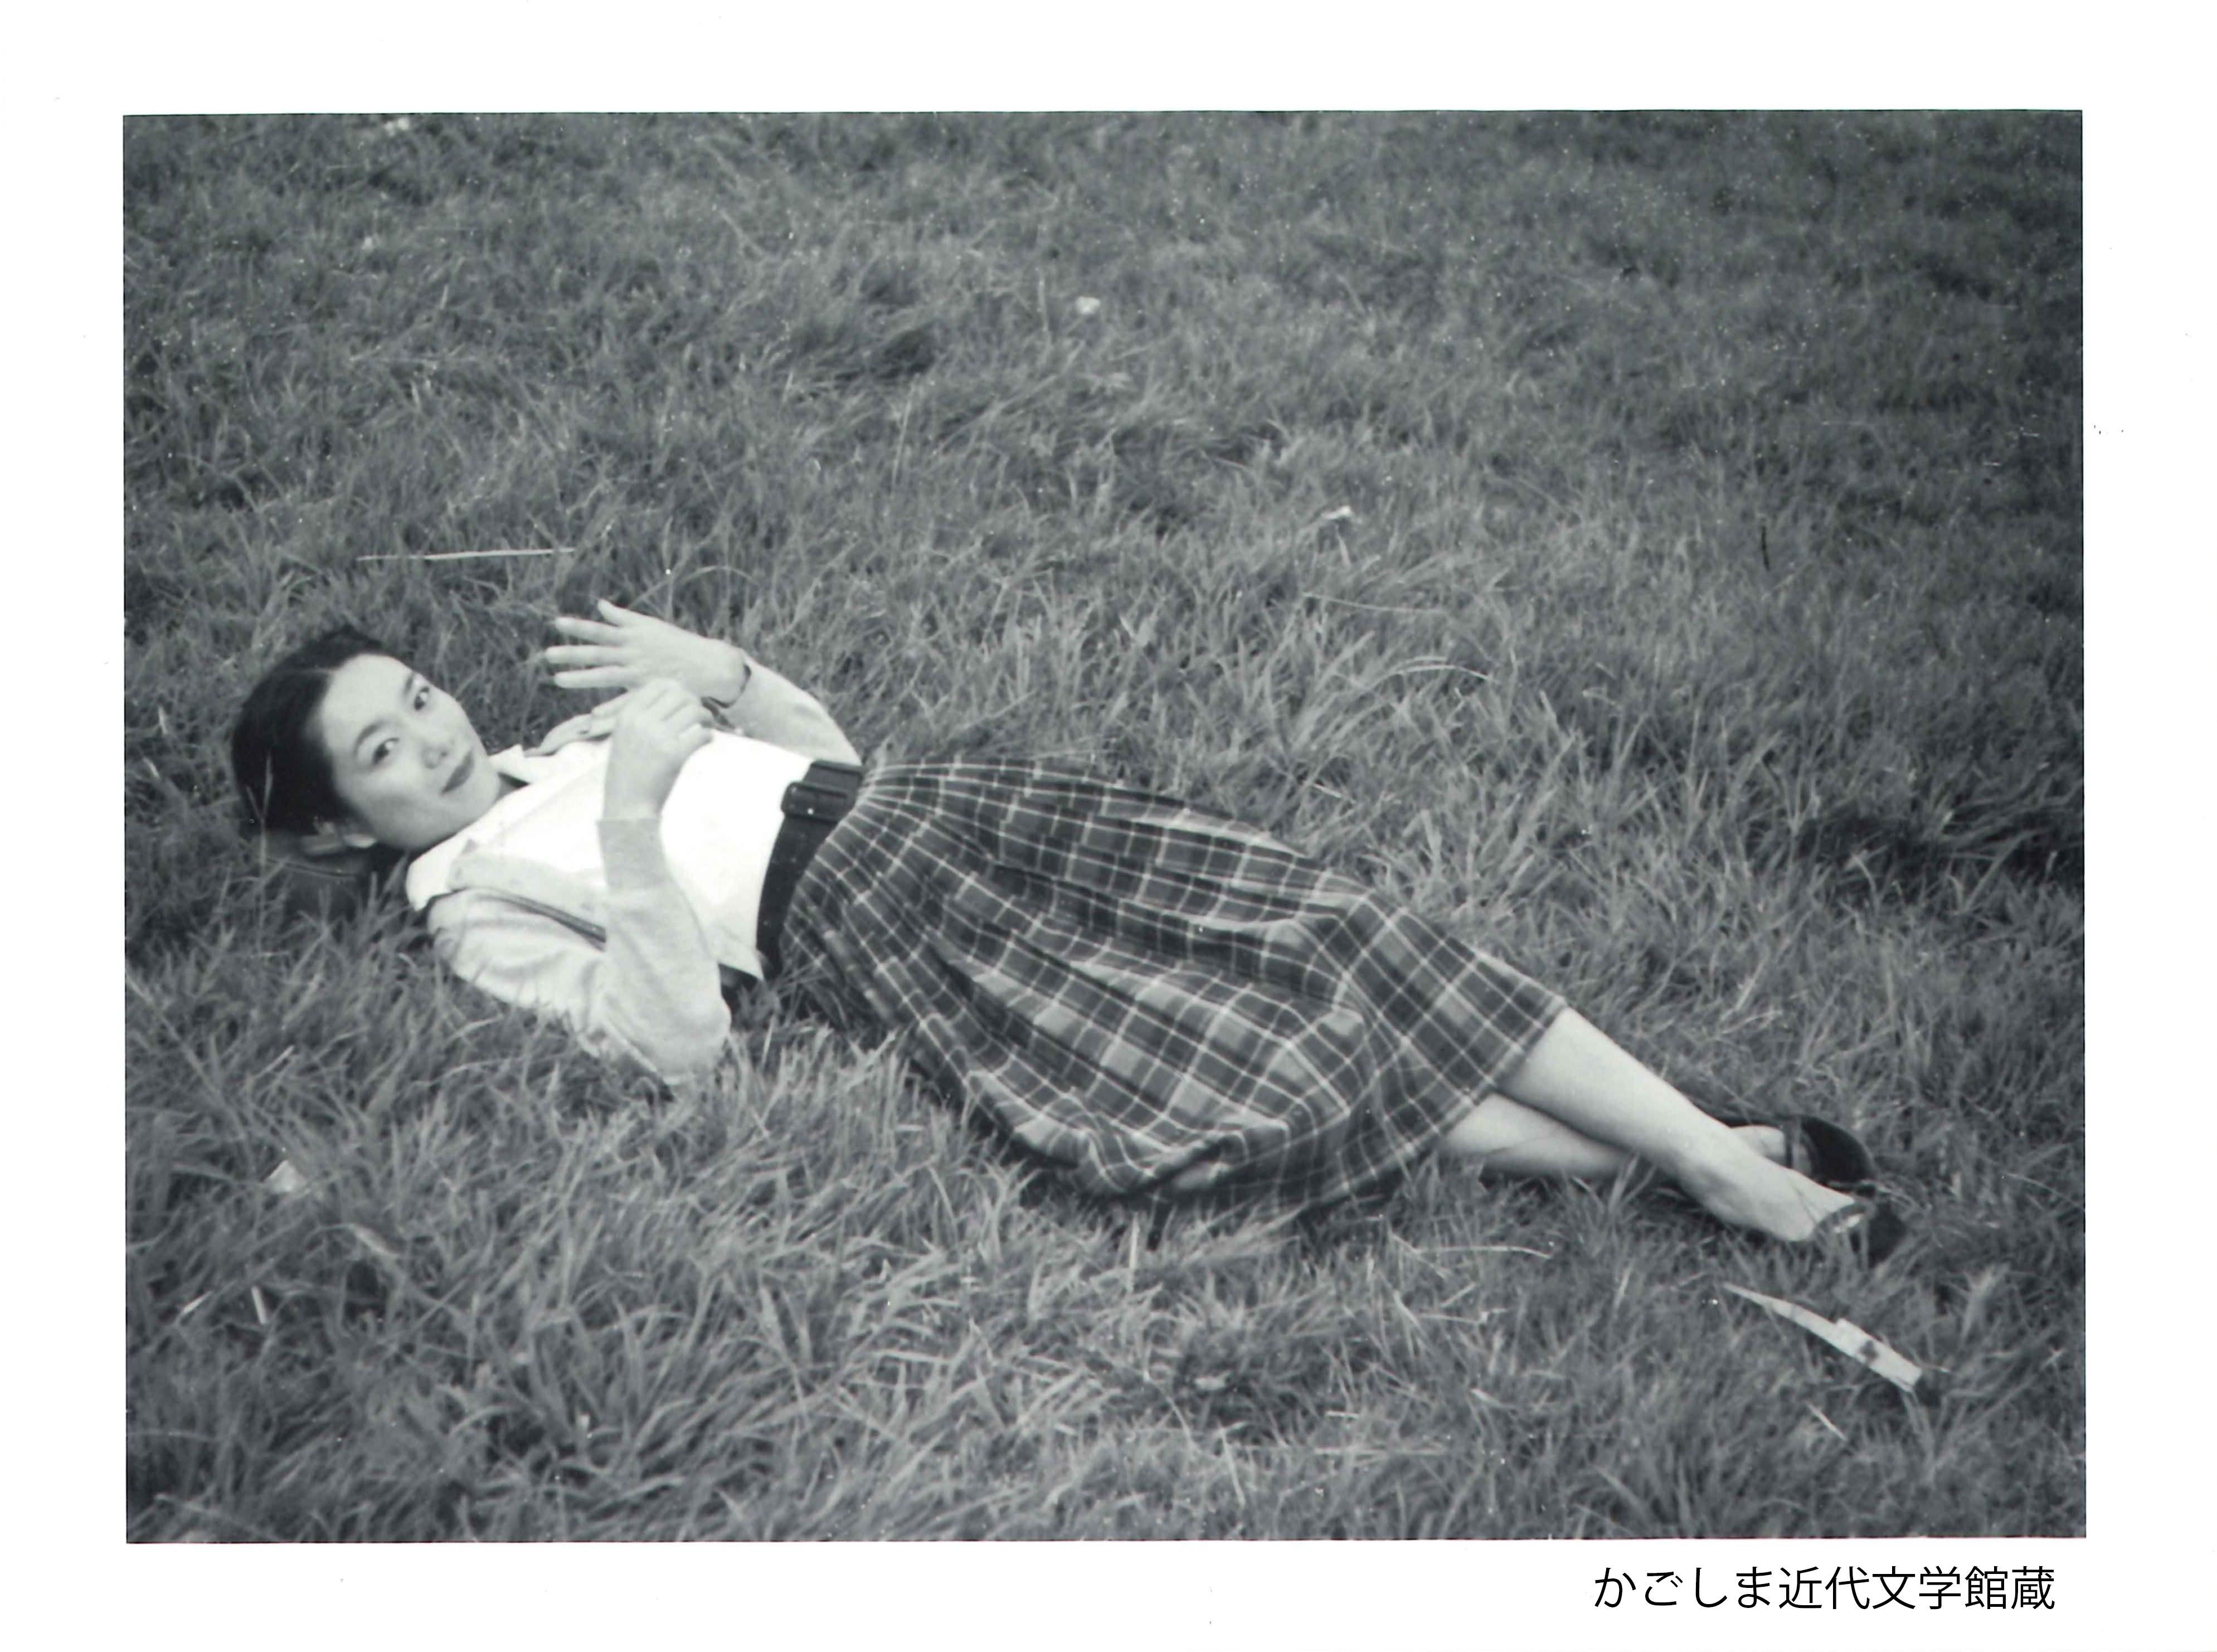 鹿児島市制130周年記念かごしま近代文学館特別企画展生誕90年記念「くにこのぐるり~向田邦子を作ったもの~」